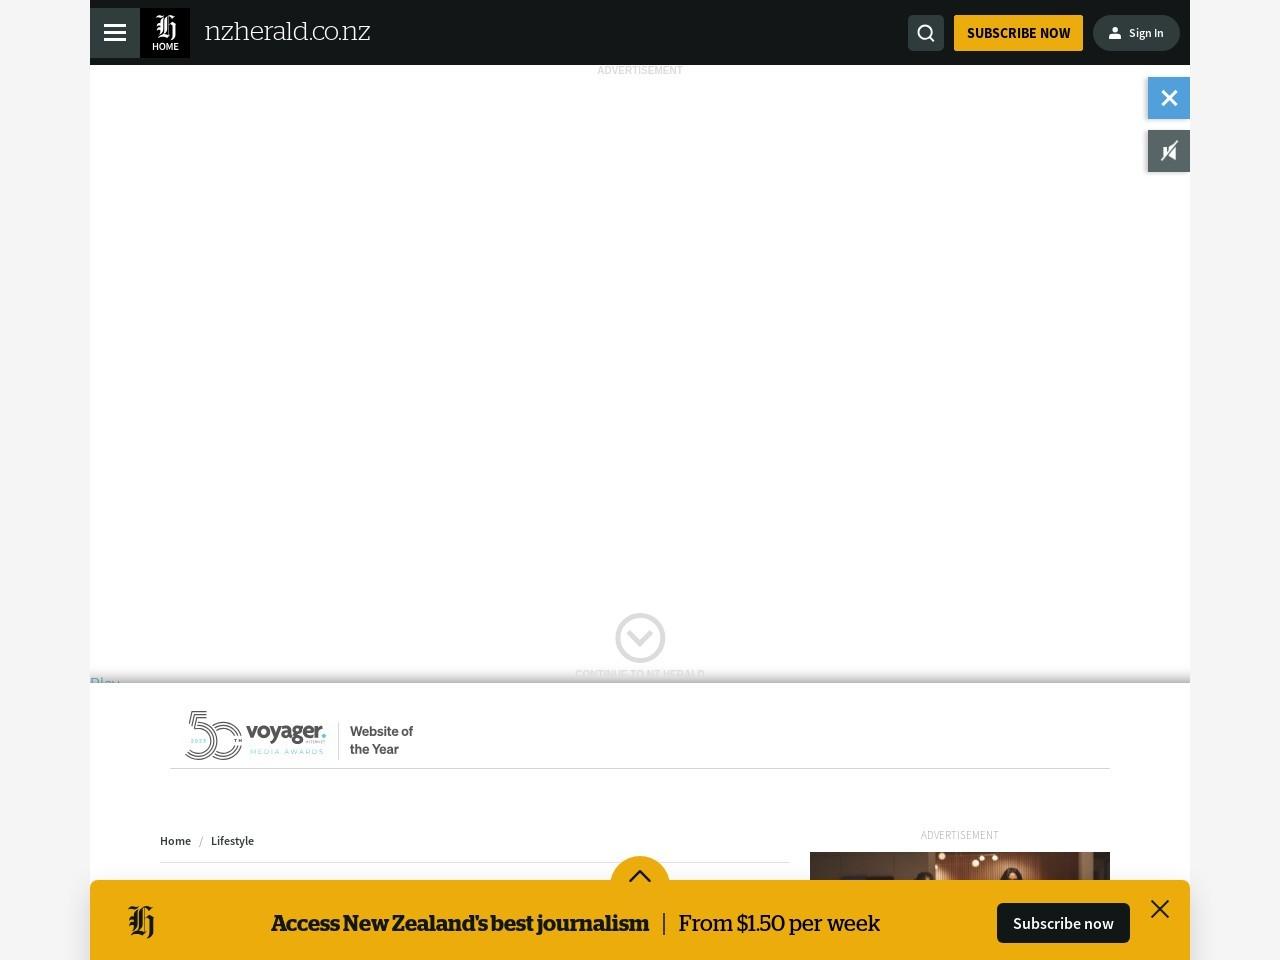 'Dieting must die' – leading health expert Dr Katz